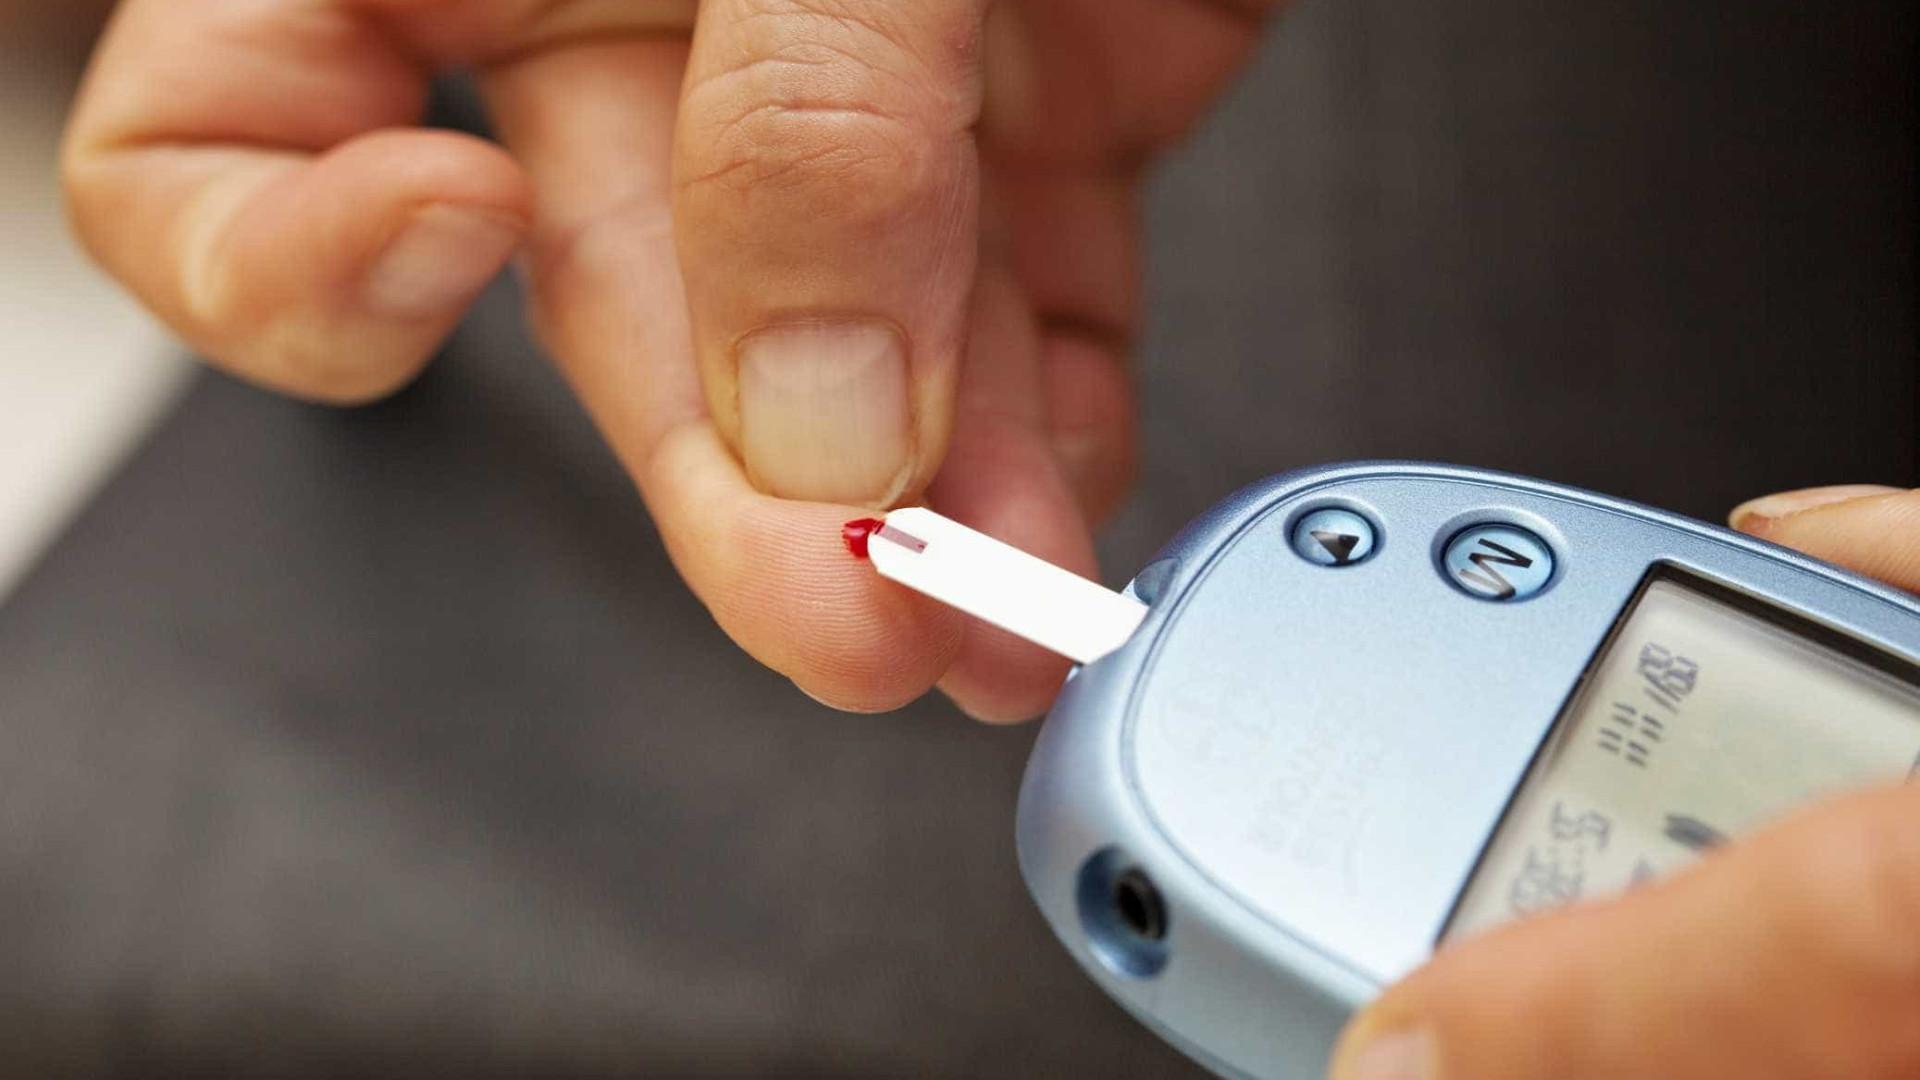 Pessoas com diabetes têm dobro de risco para infarto agudo do miocárdio